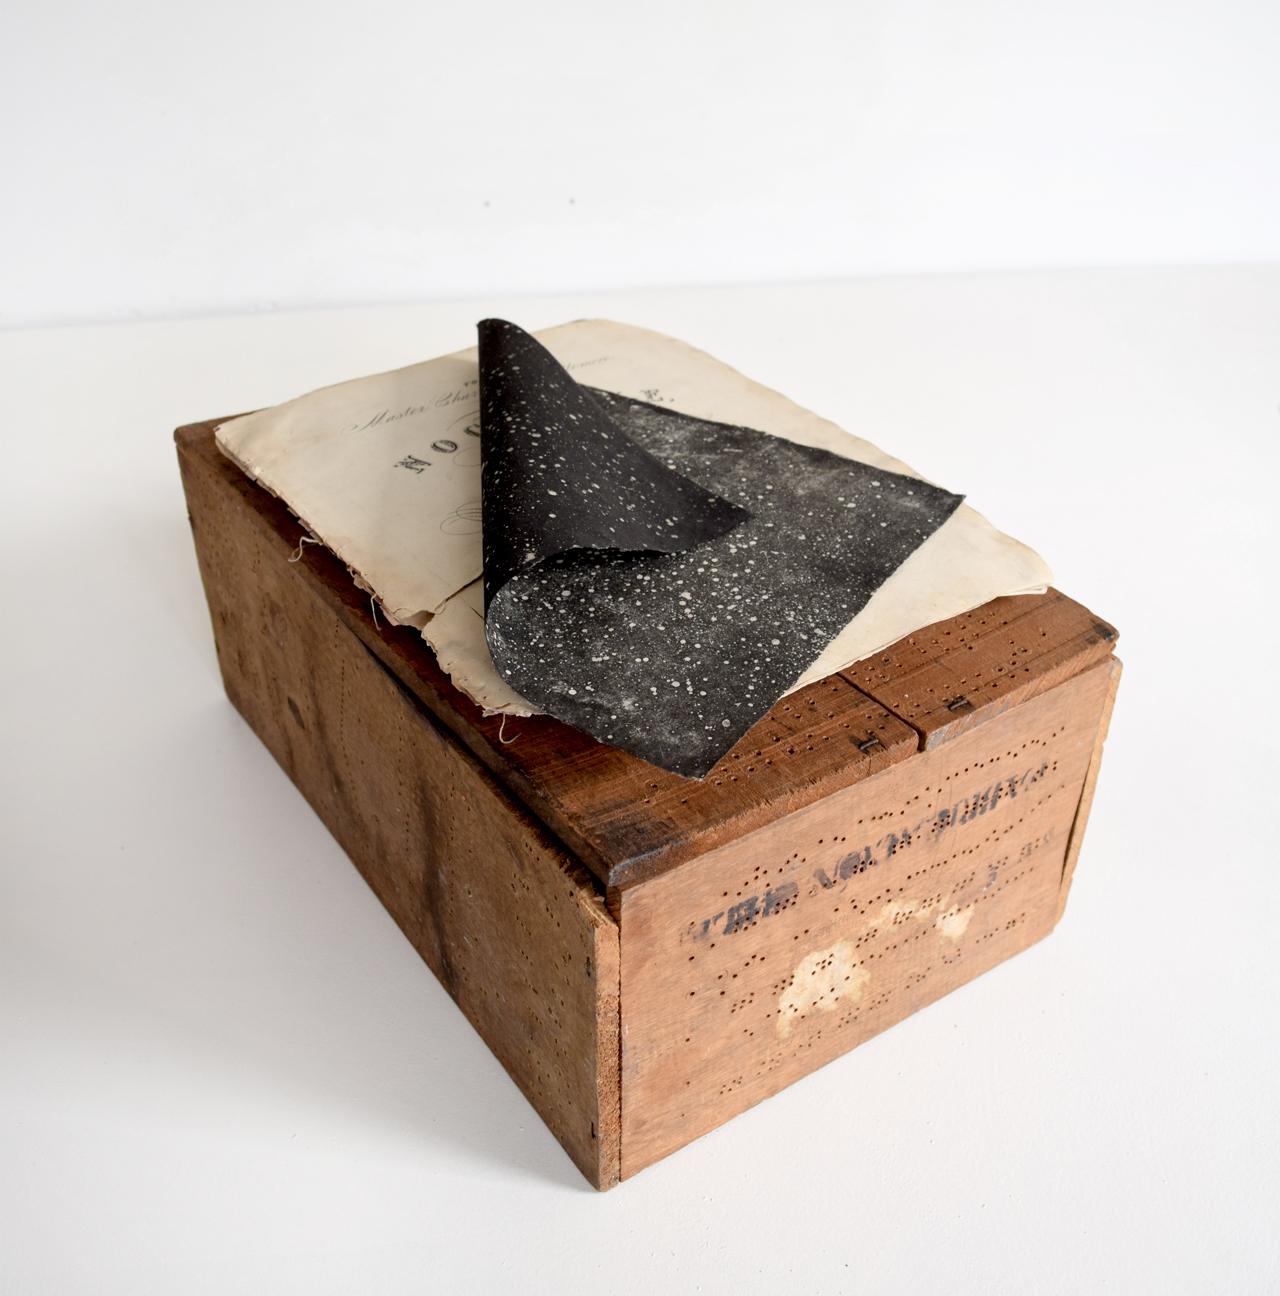 NOCTURNO | Cajón de madera perforado con la pieza musical Nocturno, Partitura, Litografía del universo y columpio. Sobering Gallery, París, 2015.